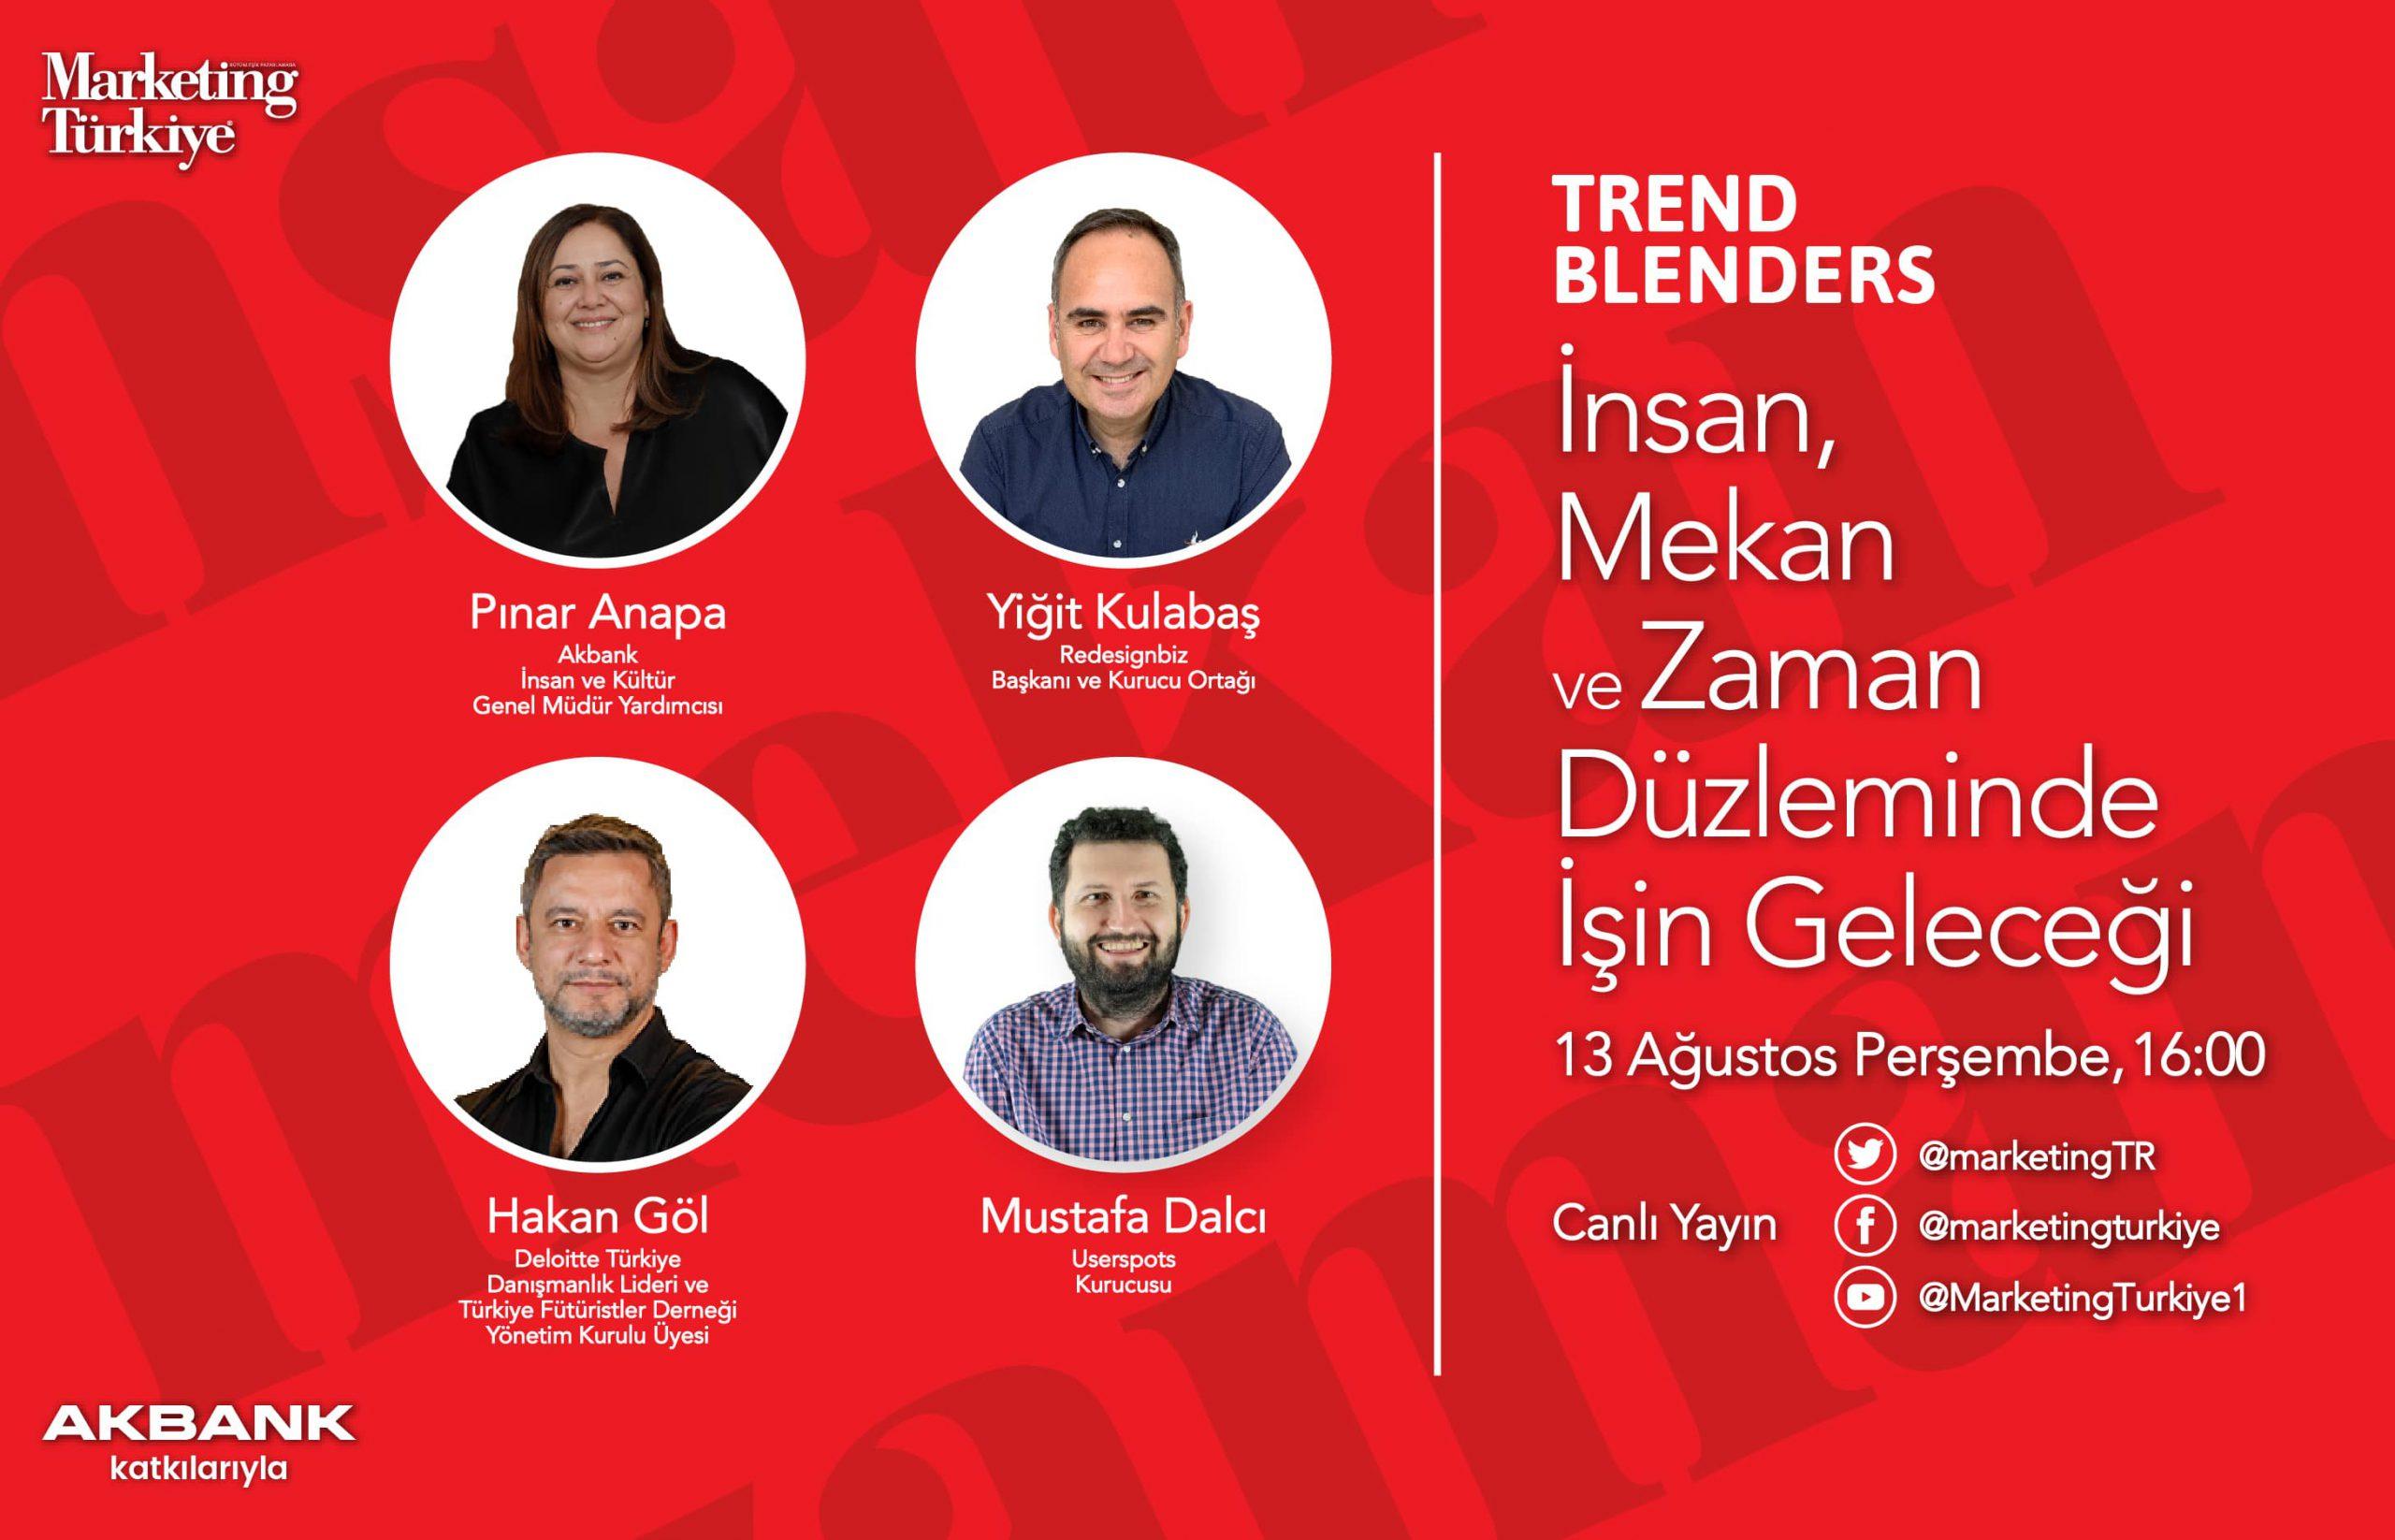 Trend Blenders'da bu kez; İnsan, Mekan ve Zaman Düzleminde İşin Geleceği konuşulacak